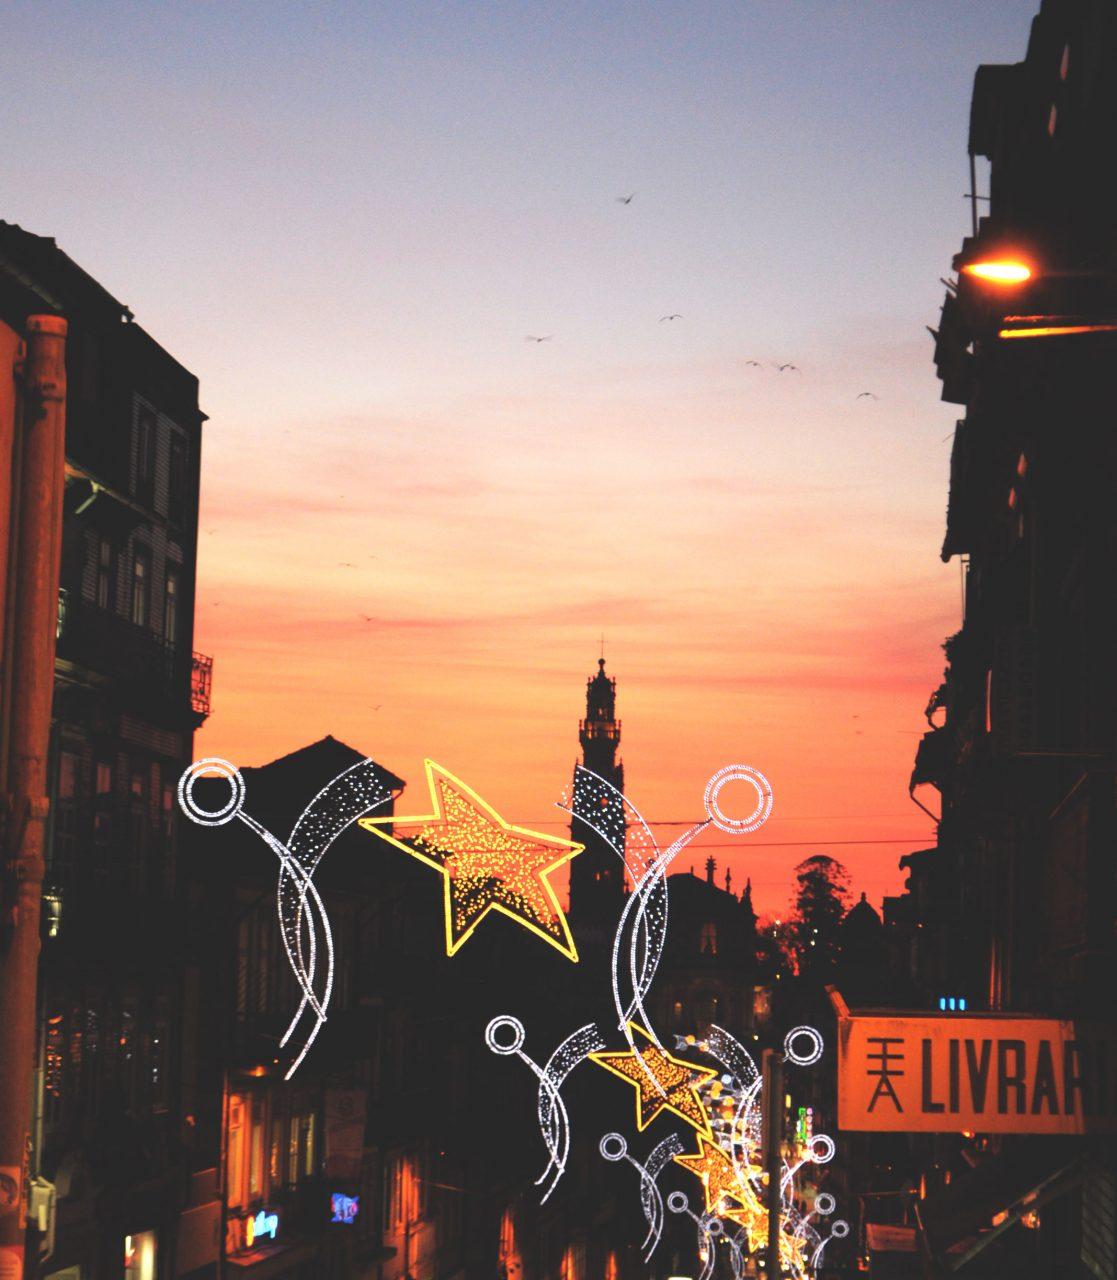 porto_livraria-city-lights